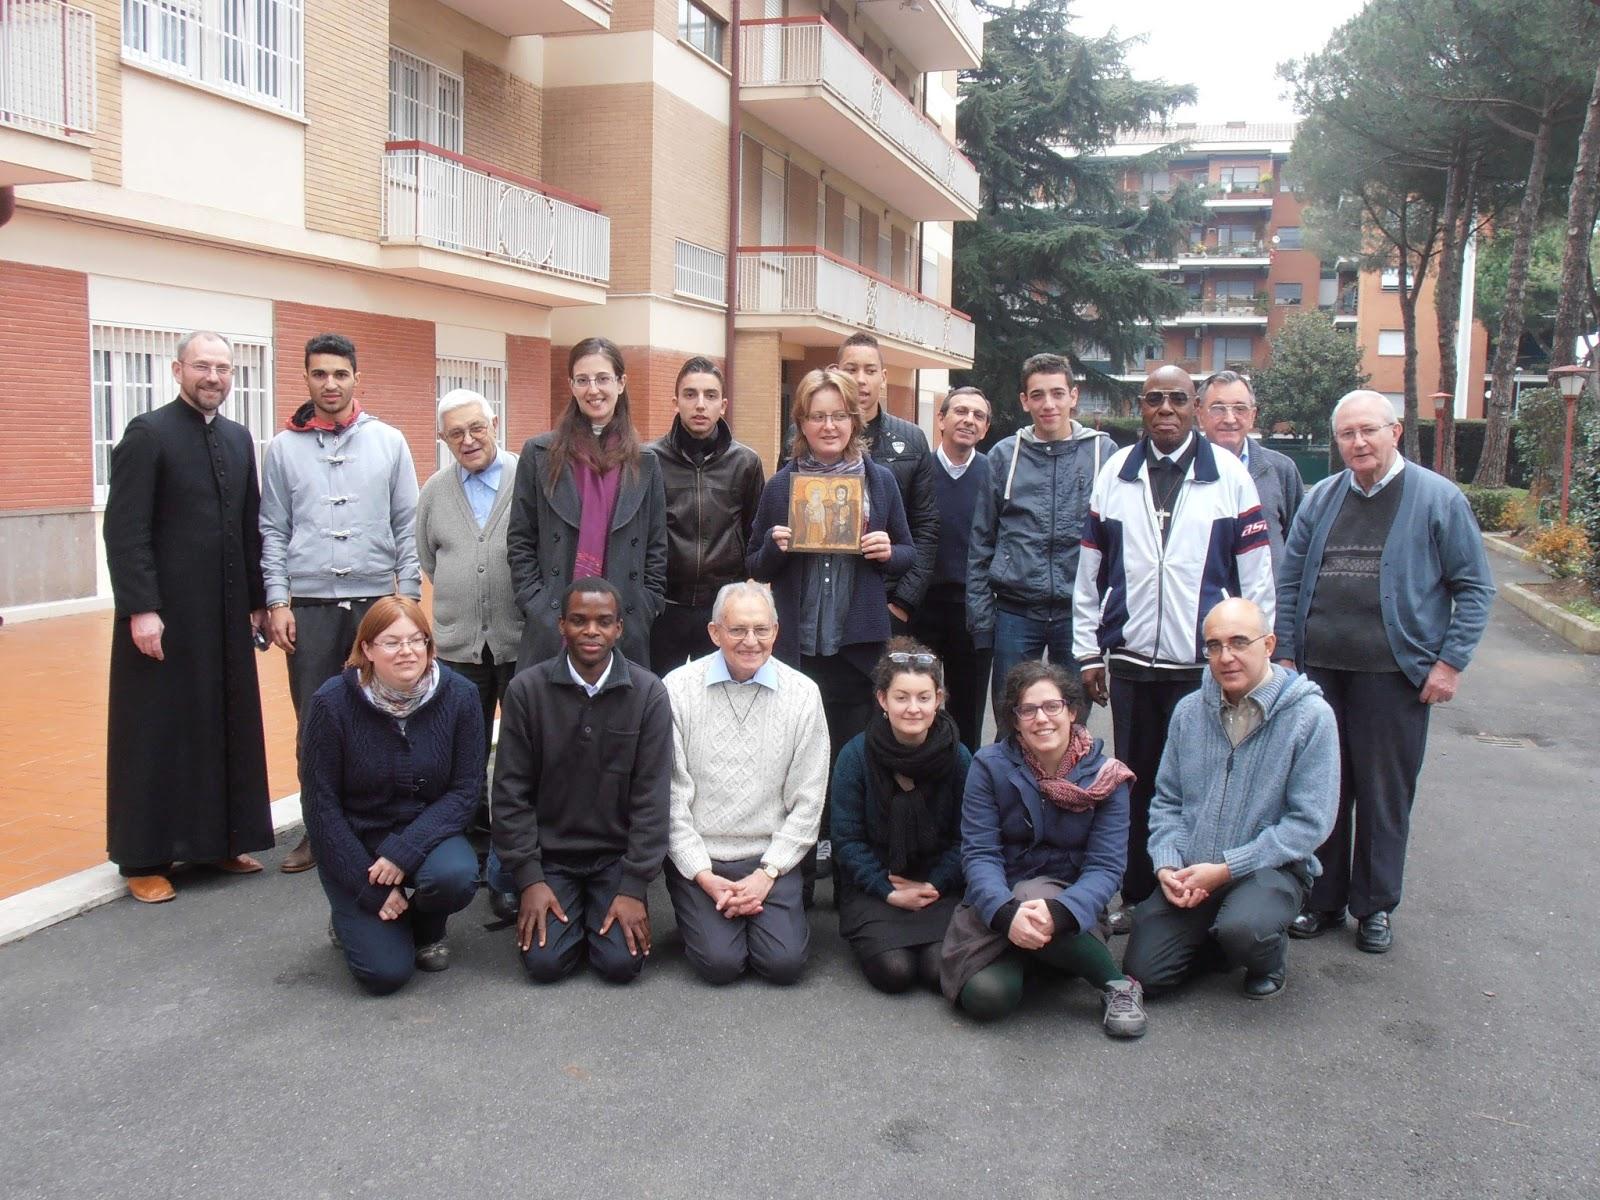 rencontres européennes rome